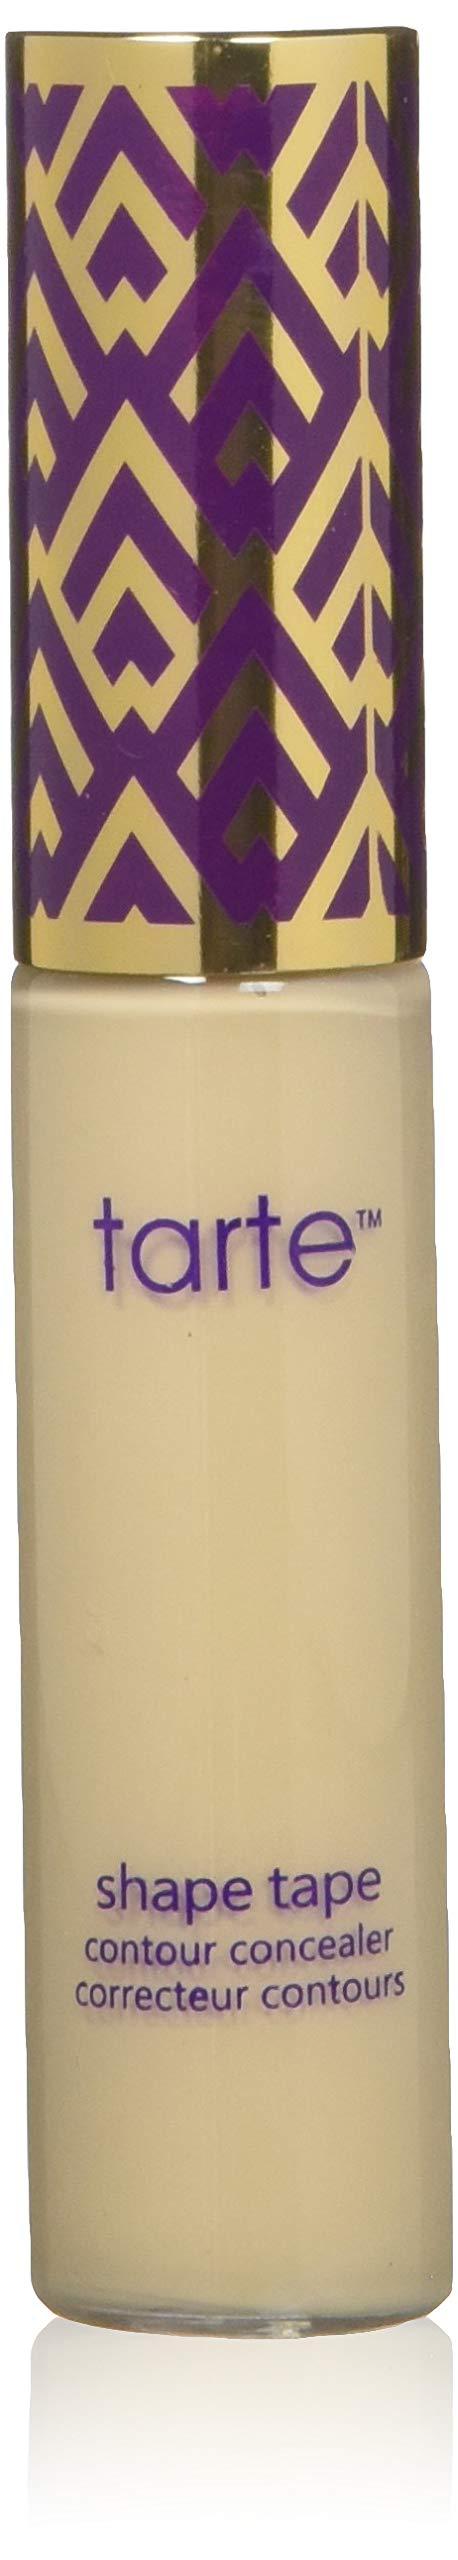 Tarte Cosmetics Shape Tape Concealer Light Sand - Full Size by Tarte